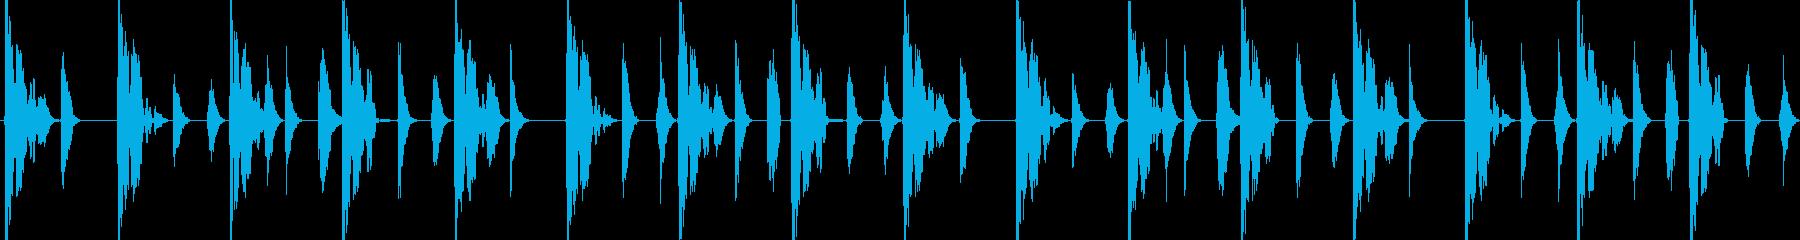 R&Bビート 4小節ループの再生済みの波形